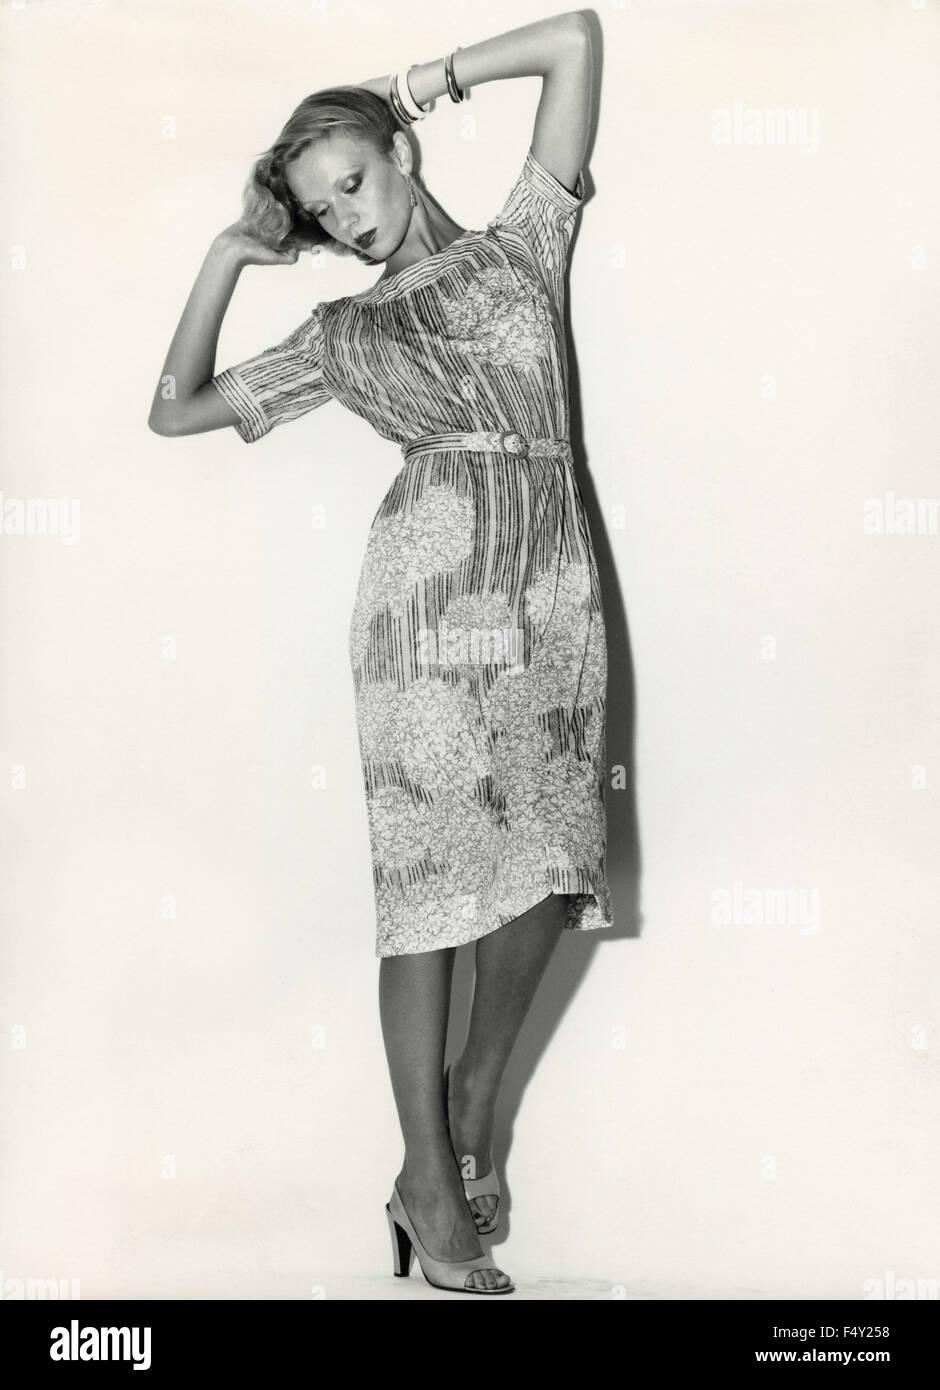 Un modello indossa un abito tessuto stampato con strisce e fiori Immagini Stock